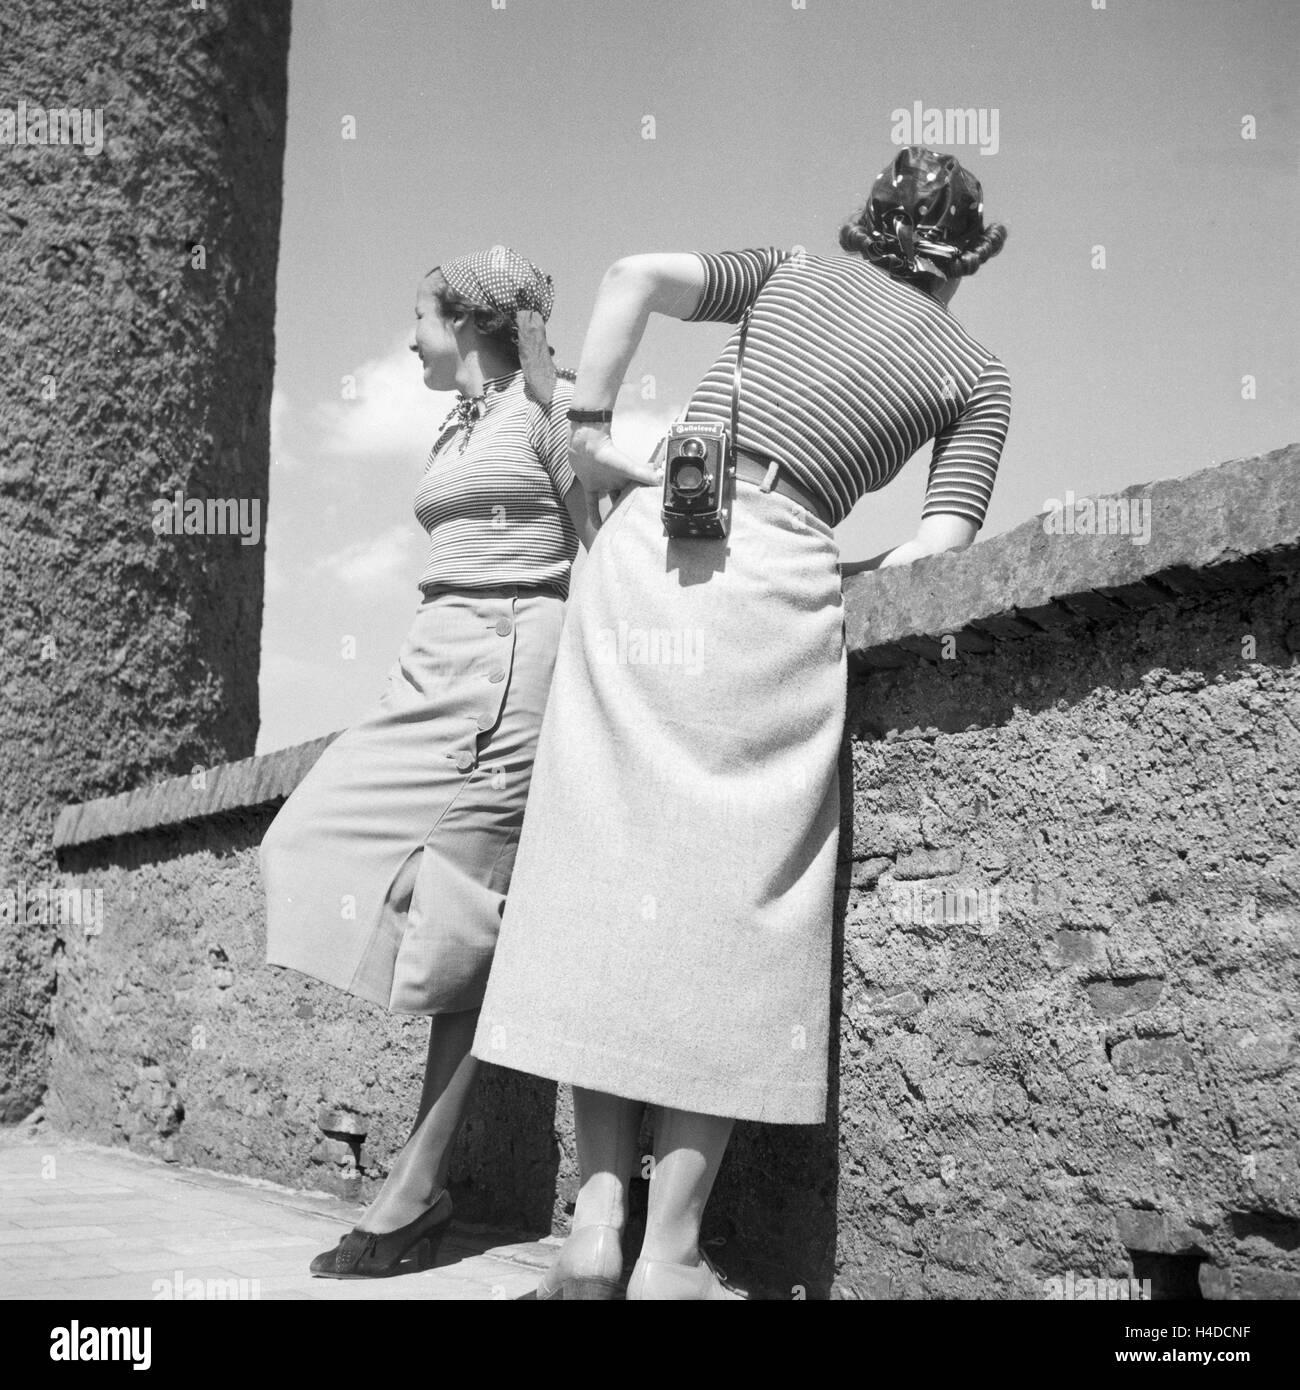 Zwei Frauen Mit der Kamera Auf Besichtigungstour, Deutschland 1930er Jahr. Zwei Frauen mit einer Kamera auf eine Stockbild